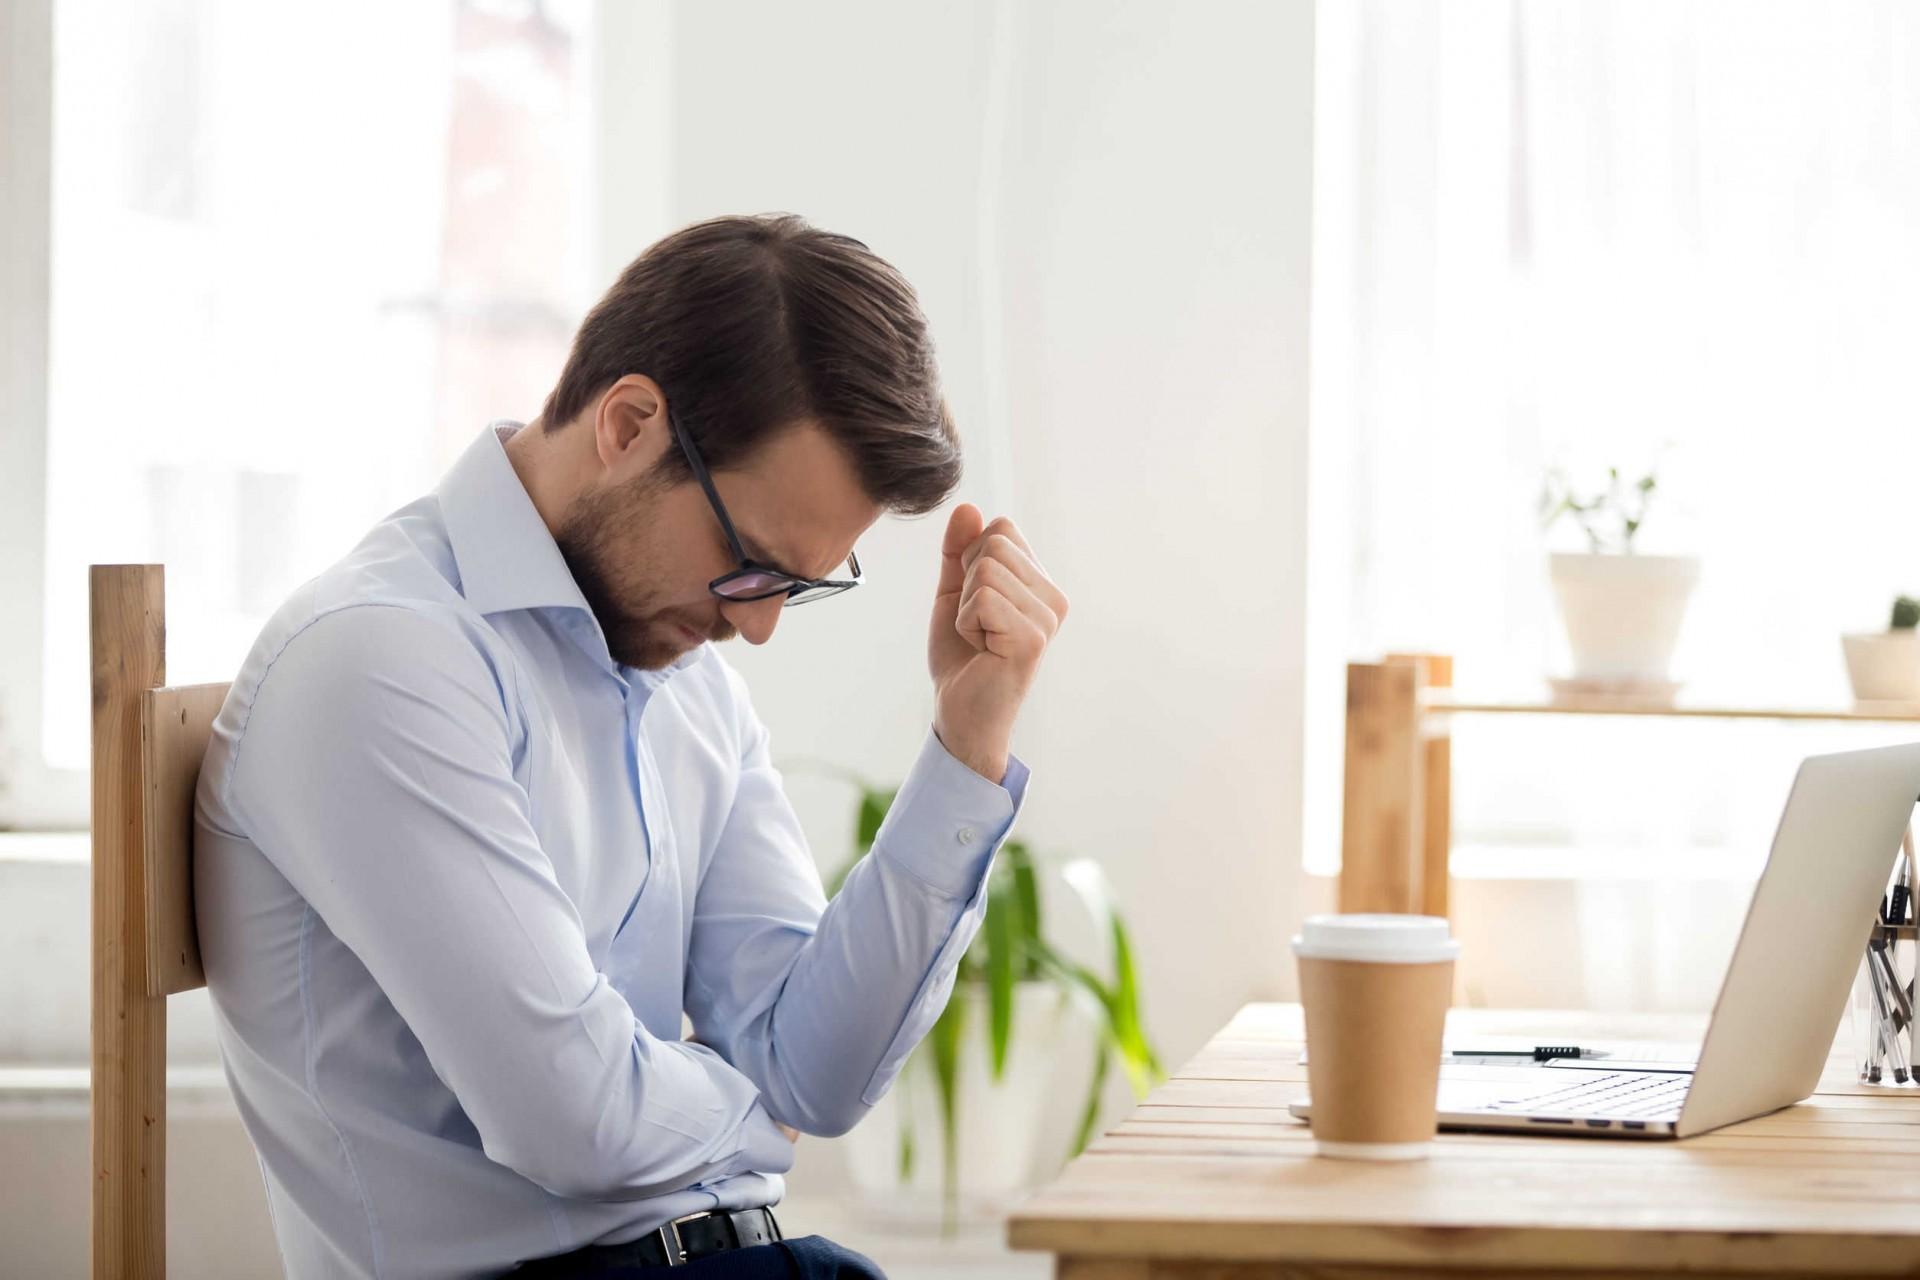 הגשת תביעת ביטוח אובדן כושר עבודה